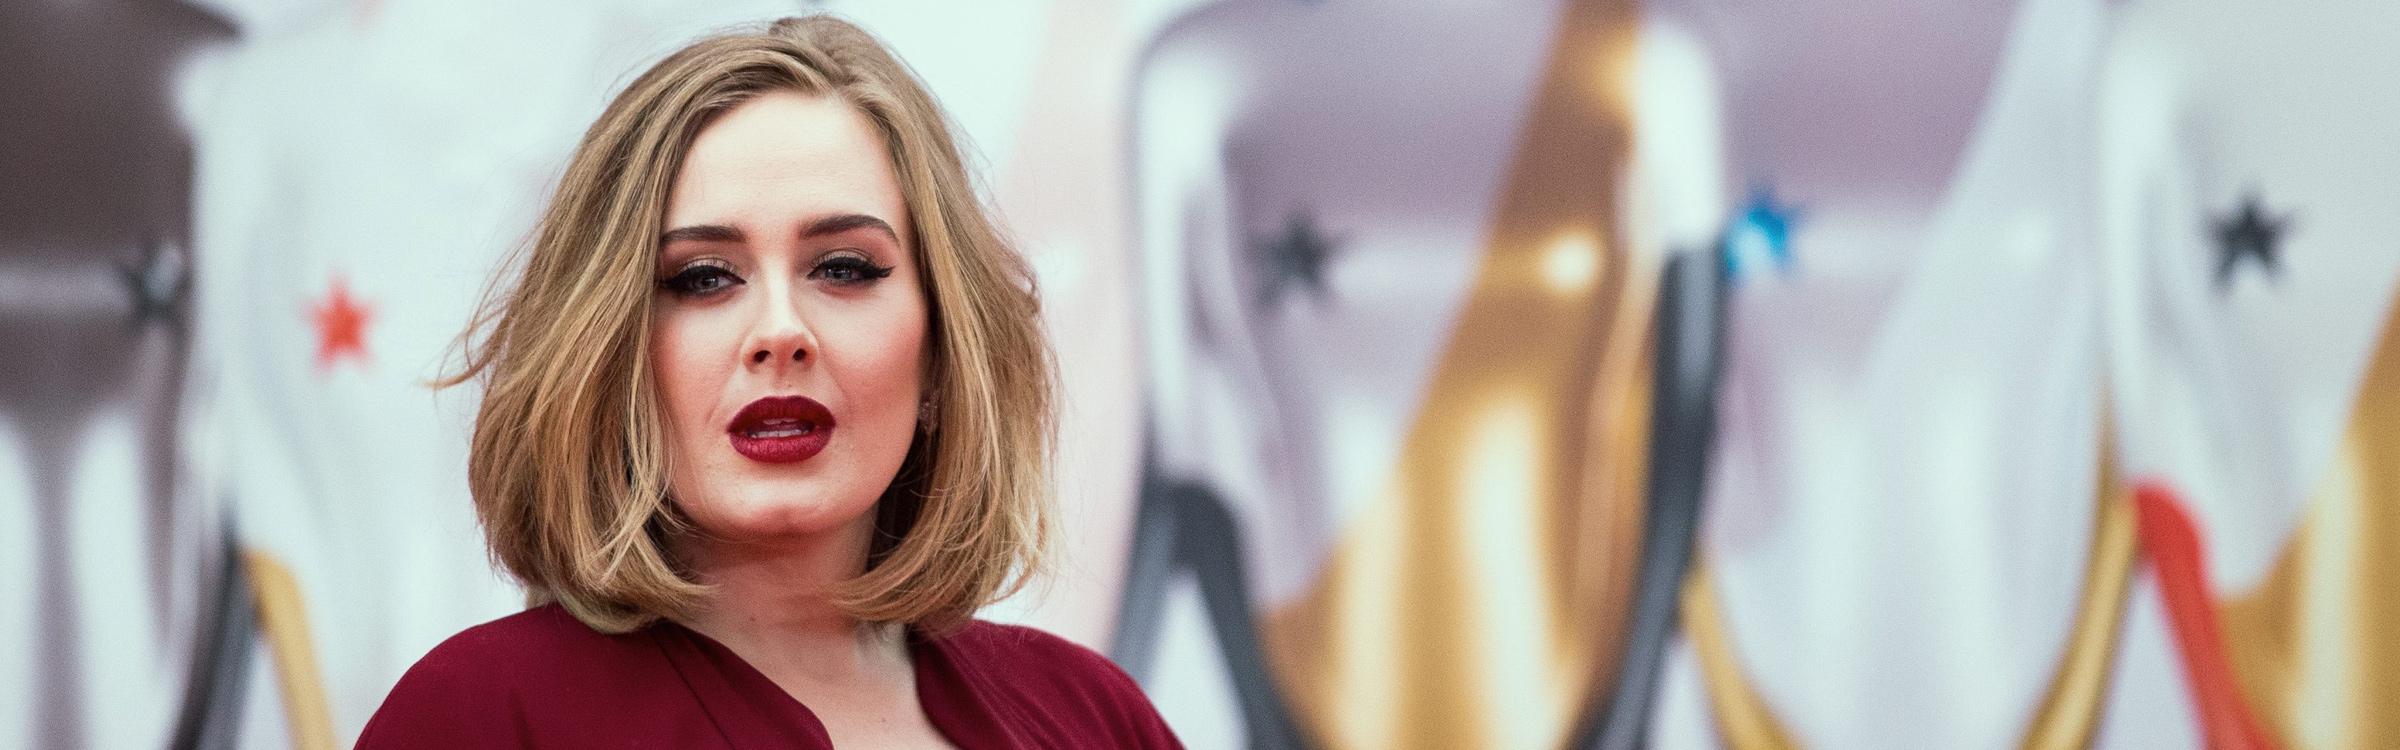 Adele amsterdam header